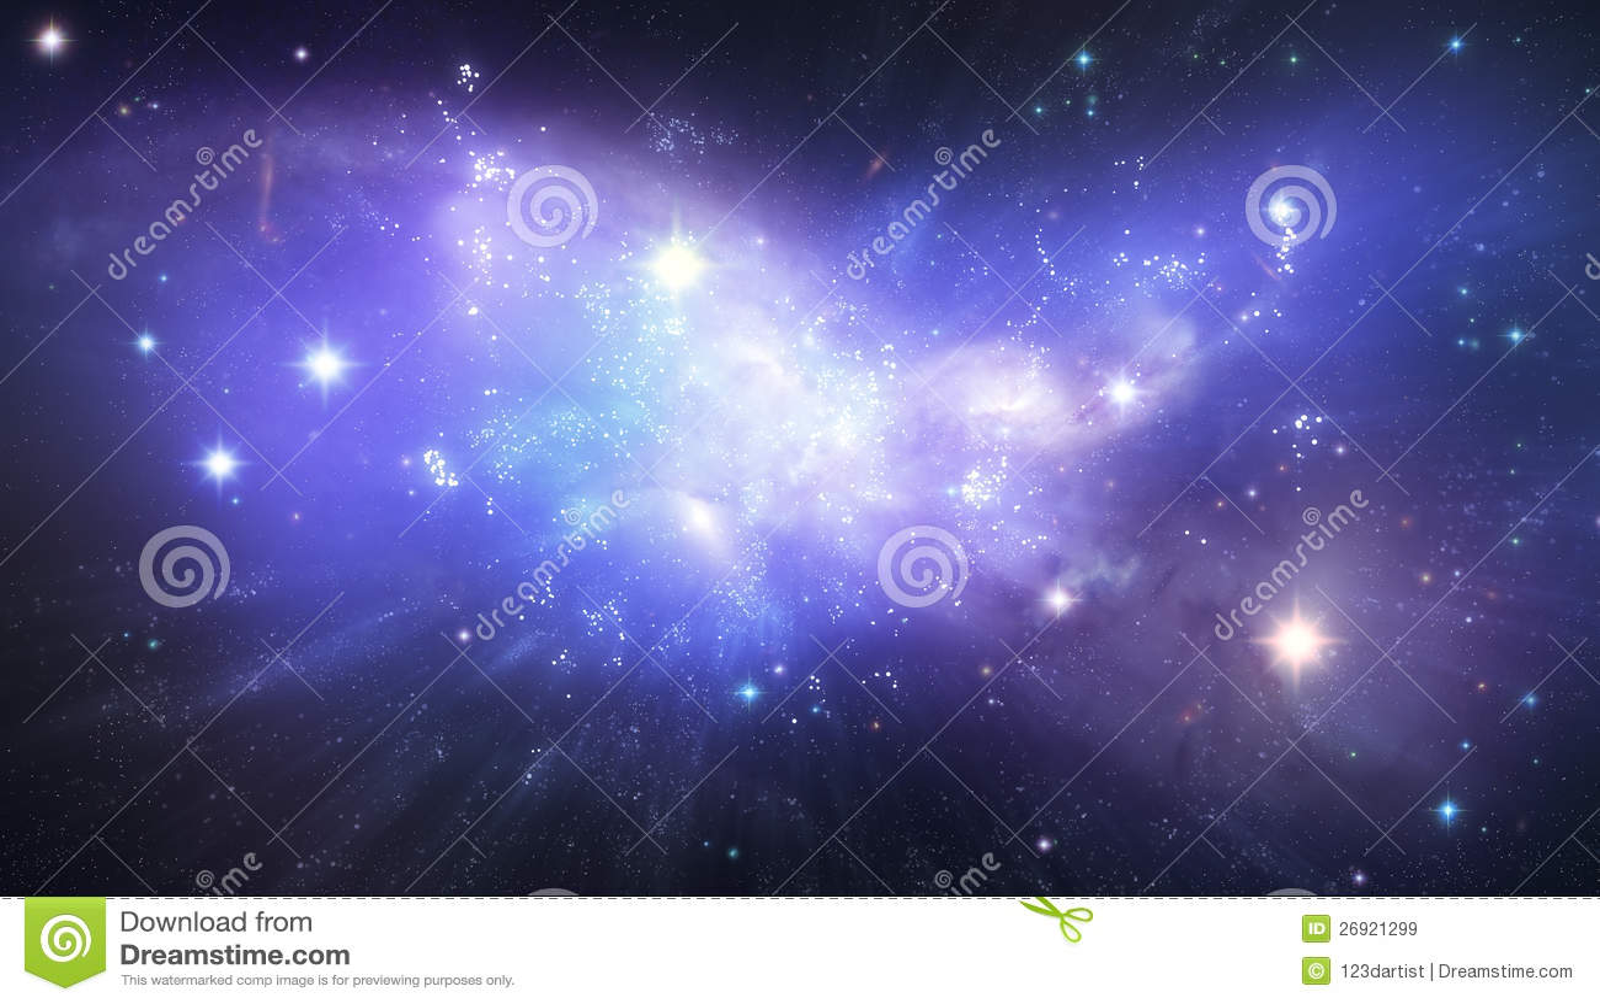 beautiful galaxy background stock illustration